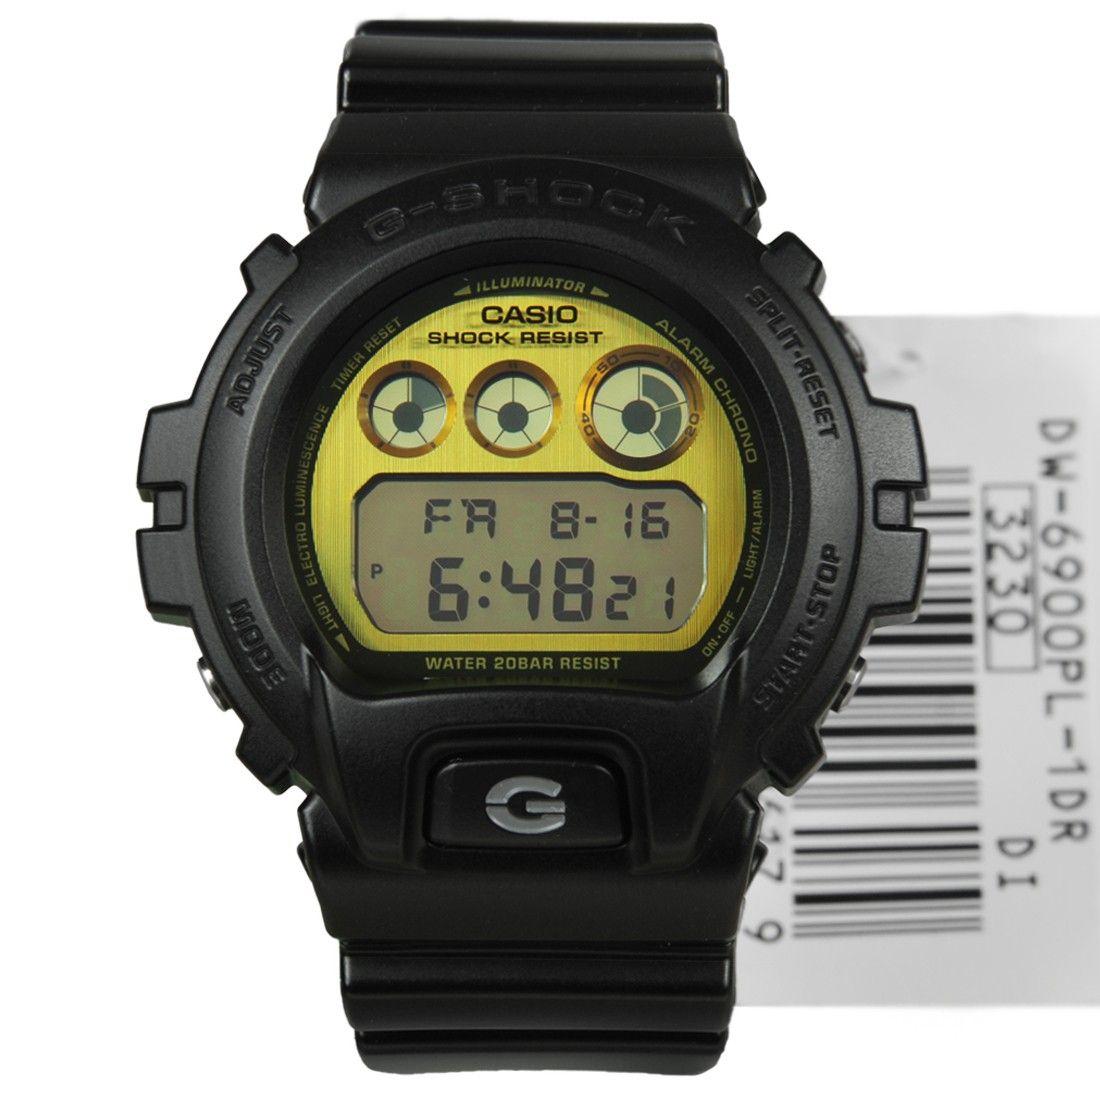 Casio G-Shock Polarized Color Watches DW-6900PL-1  ad3788baf2db5